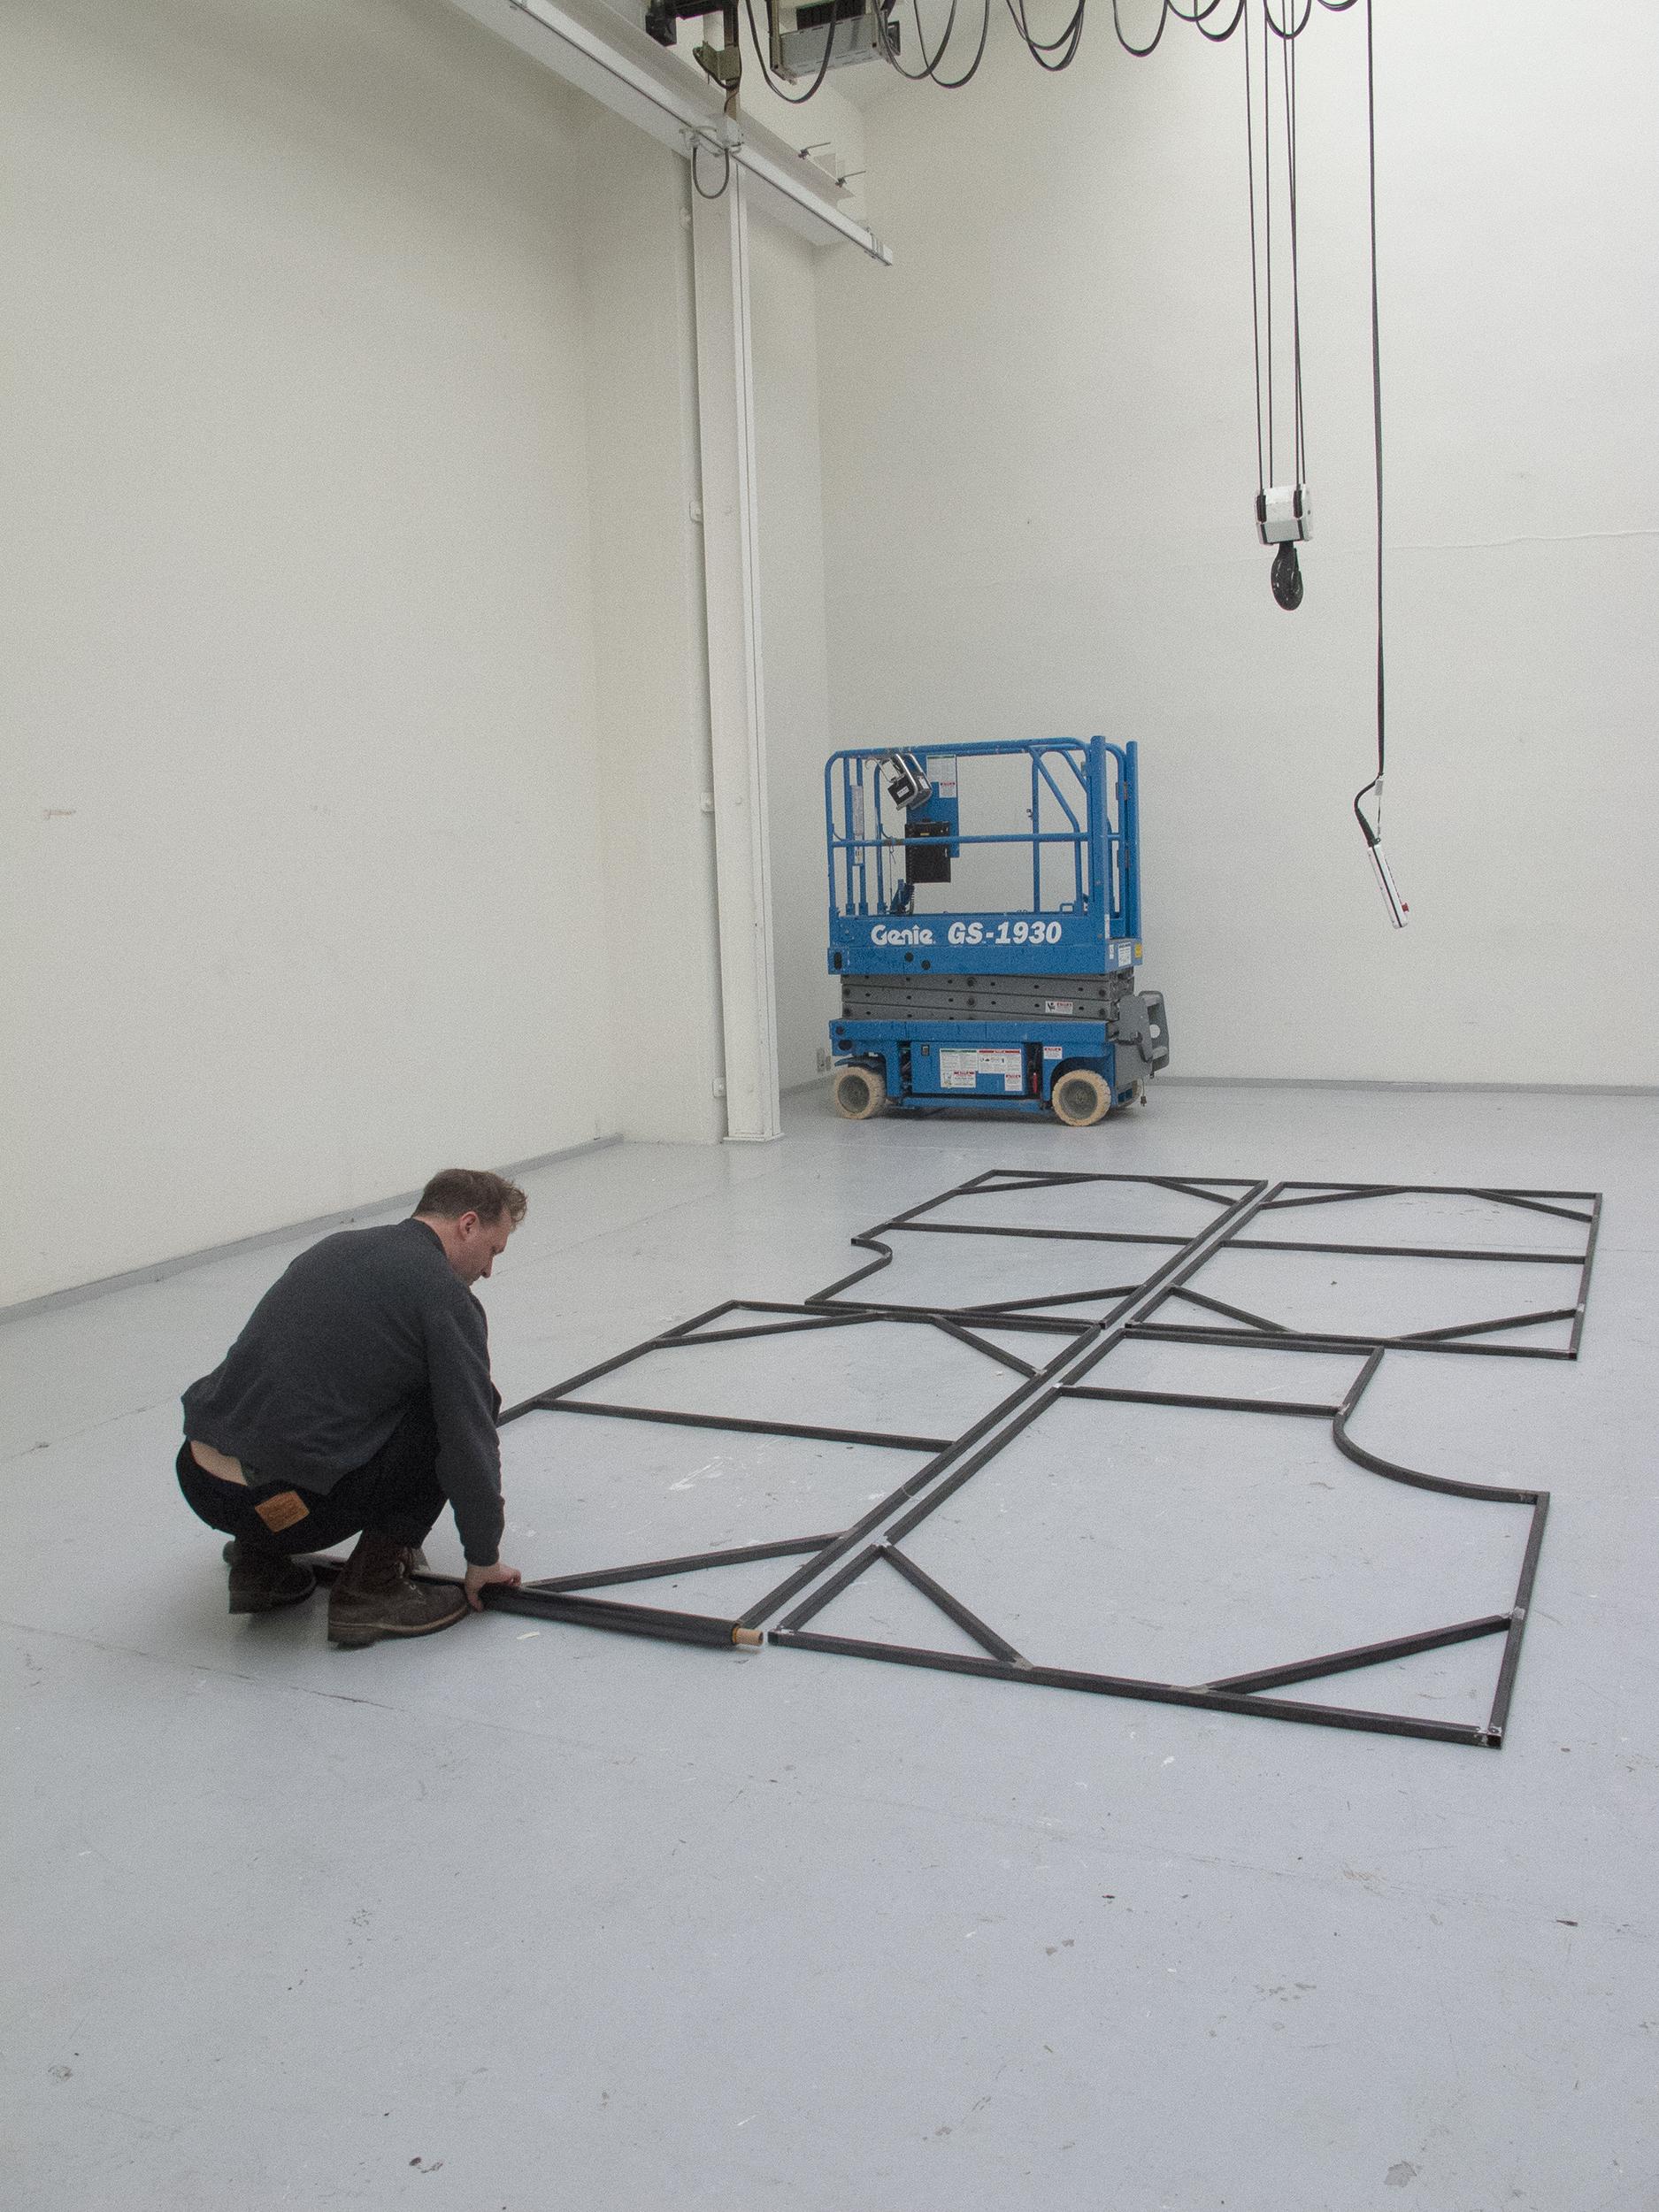 Heine Thourhauge Mathiasens stålrammer i Turboladen